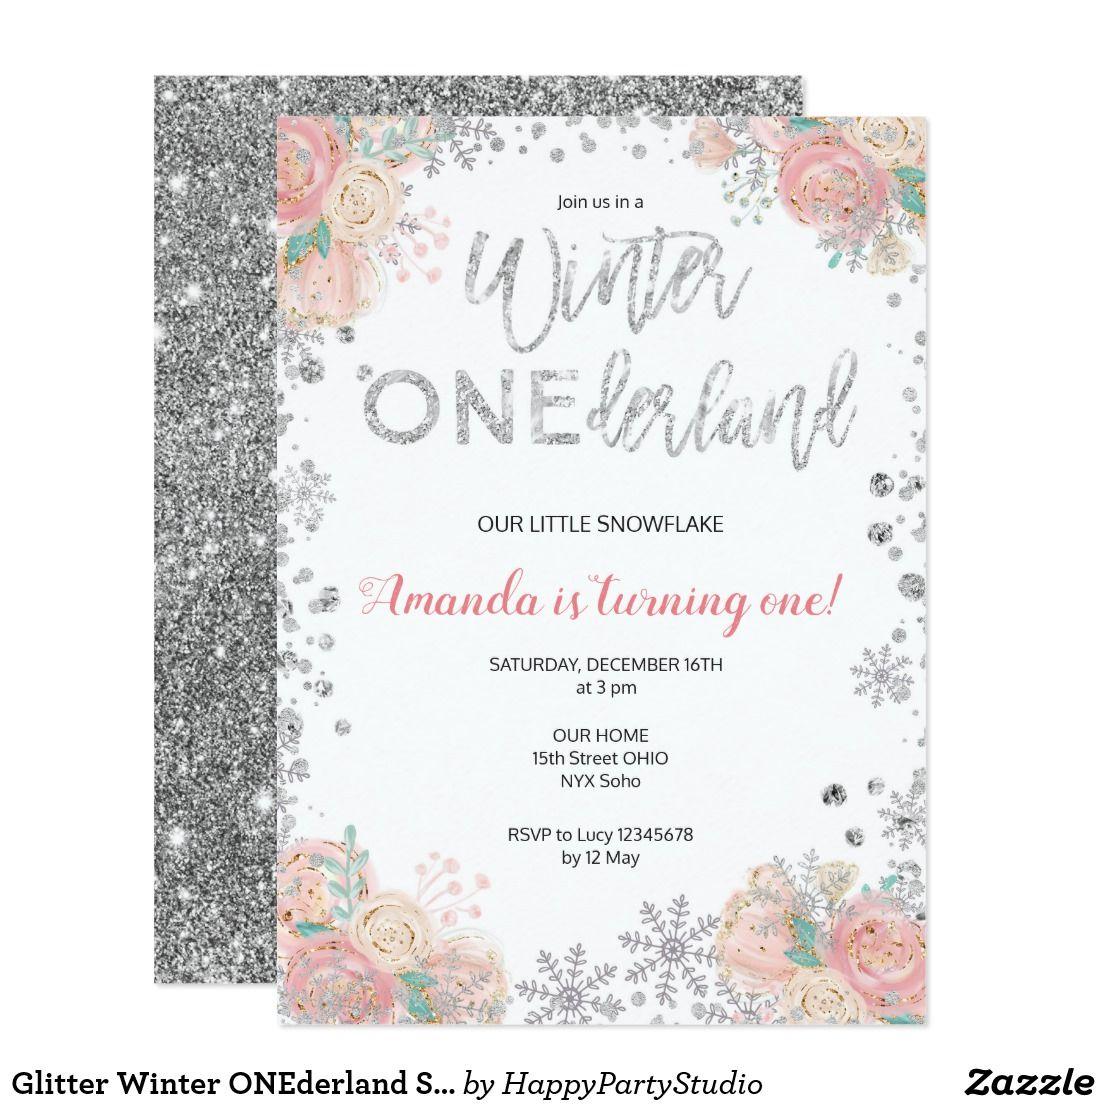 Glitter Winter Onederland Snow Birthday Invite Zazzle Com Birthday Invitations Winter Onederland Birthday Party Snowflake Invitations